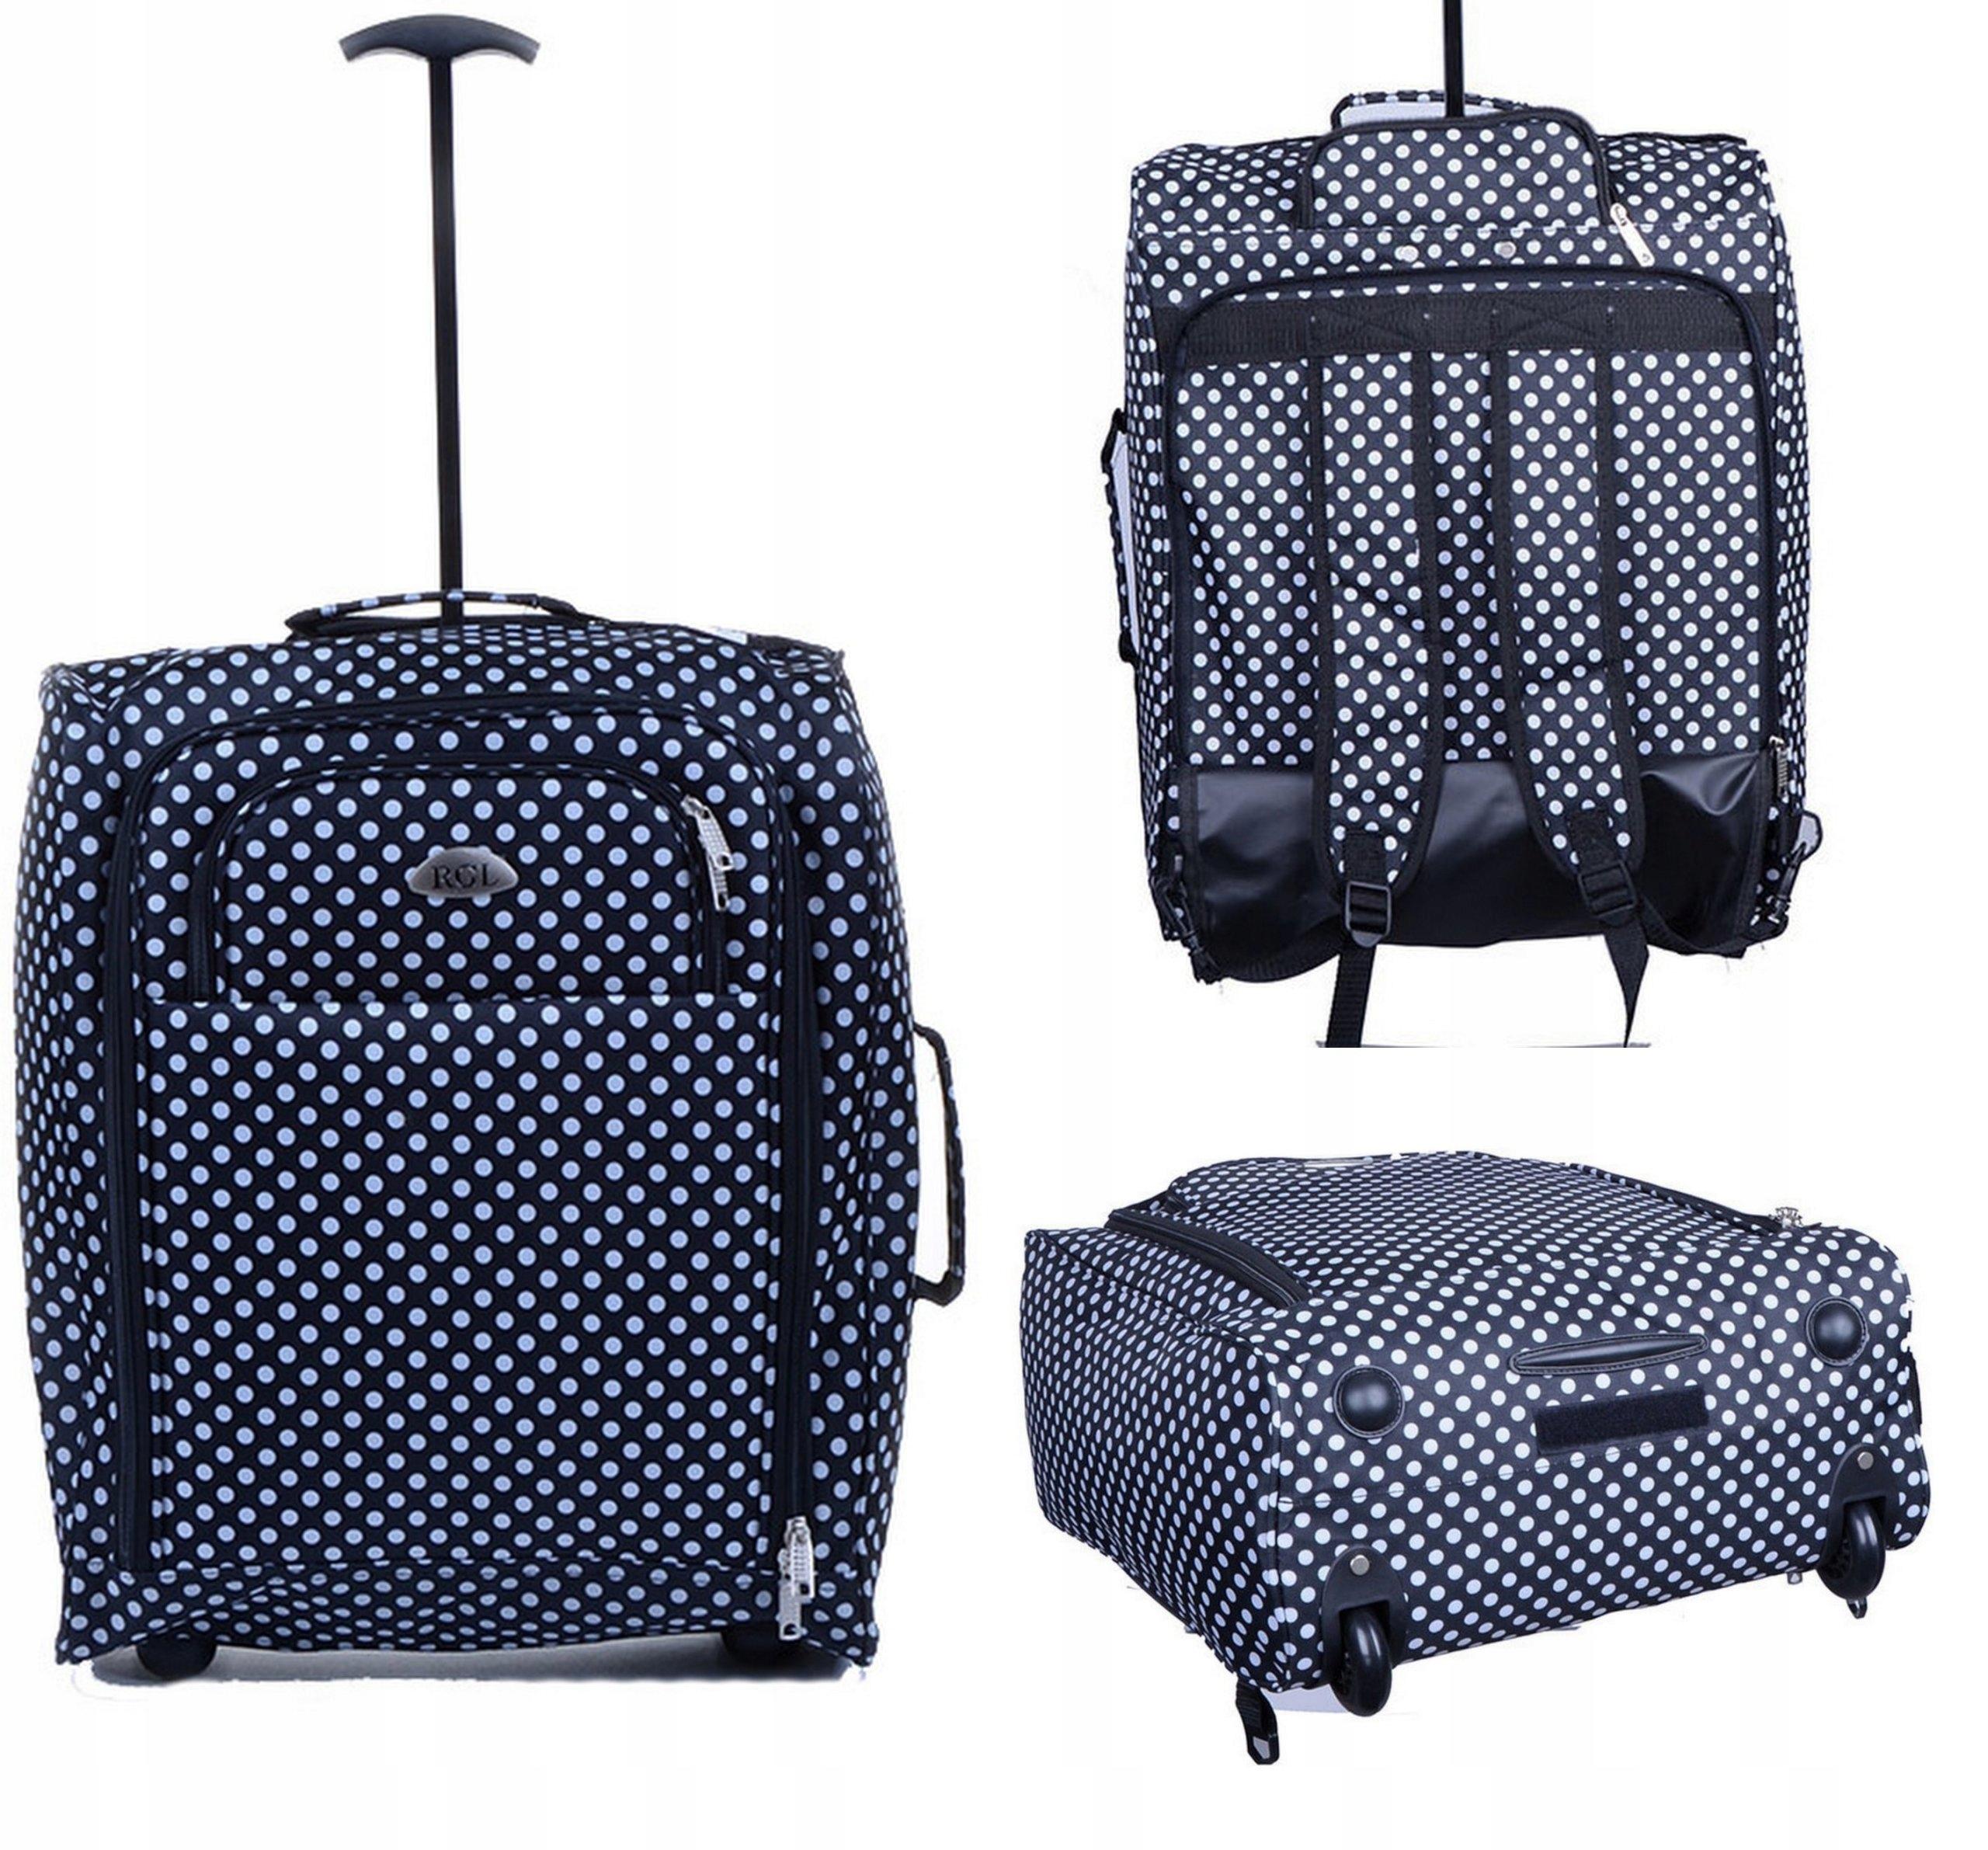 d9eebaa27b205 lekka walizka na kółkach bagaż podręczny 55x40x20 - 6529524078 ...